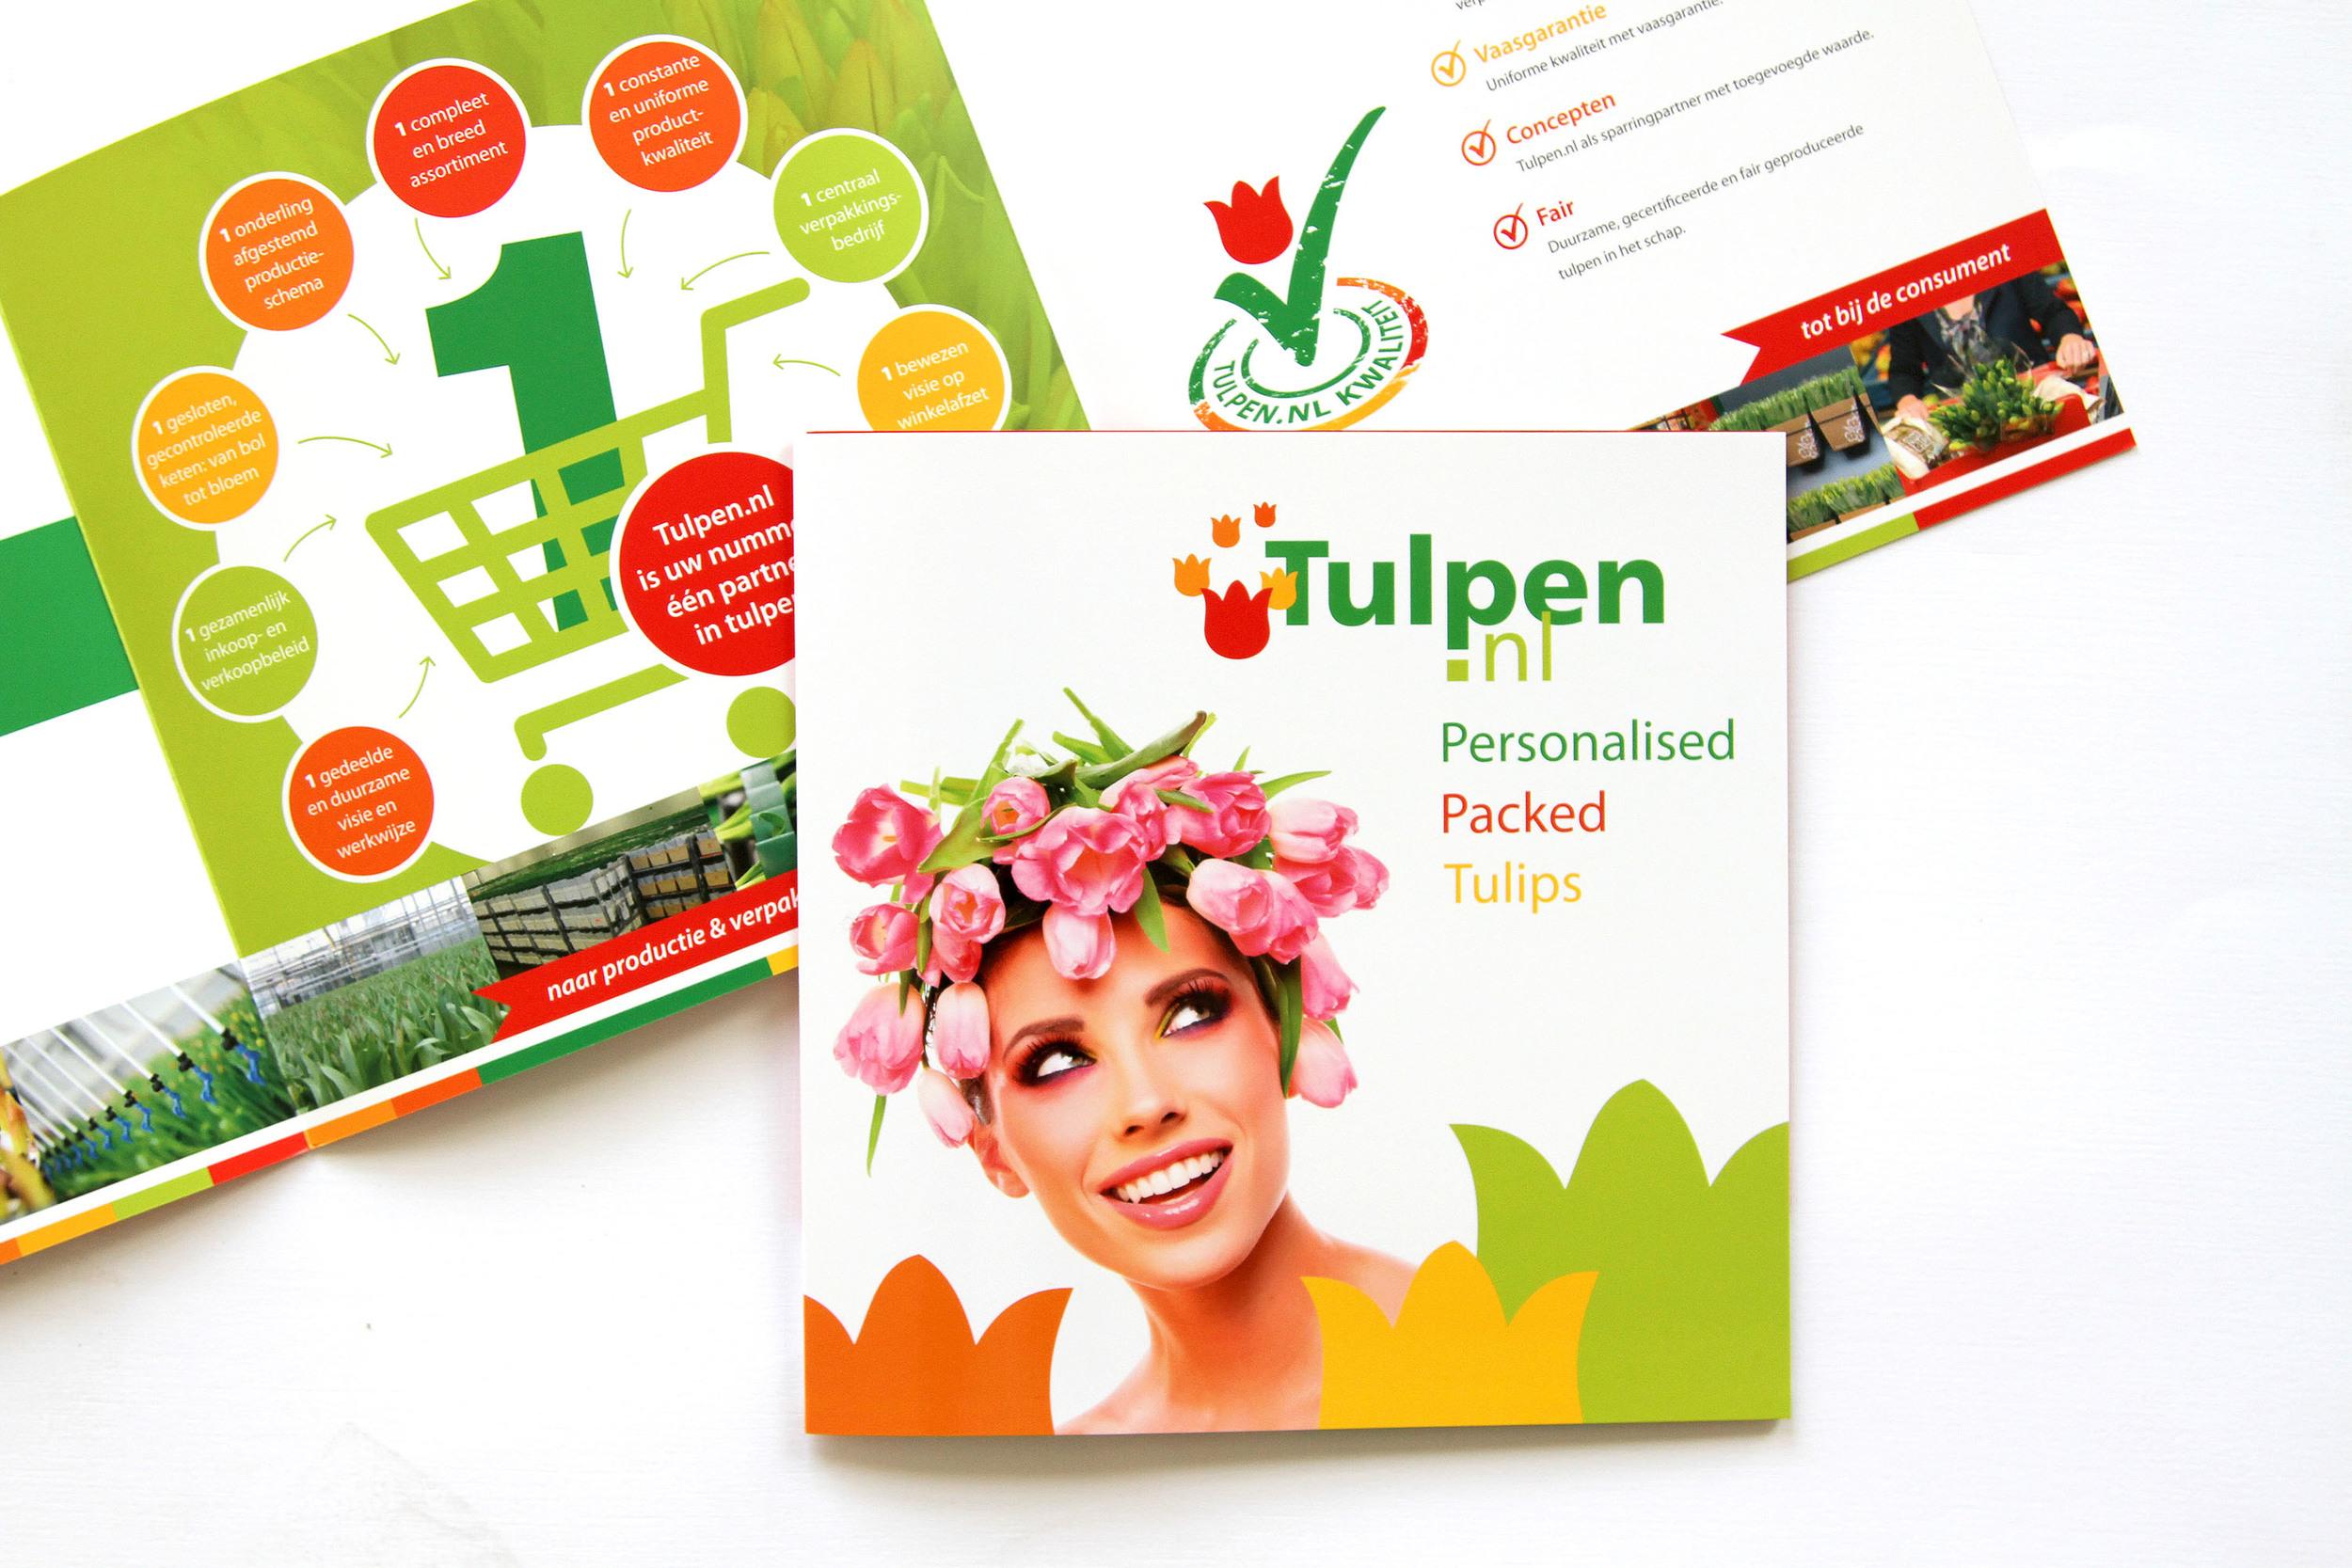 tulpen.nl 01.jpg